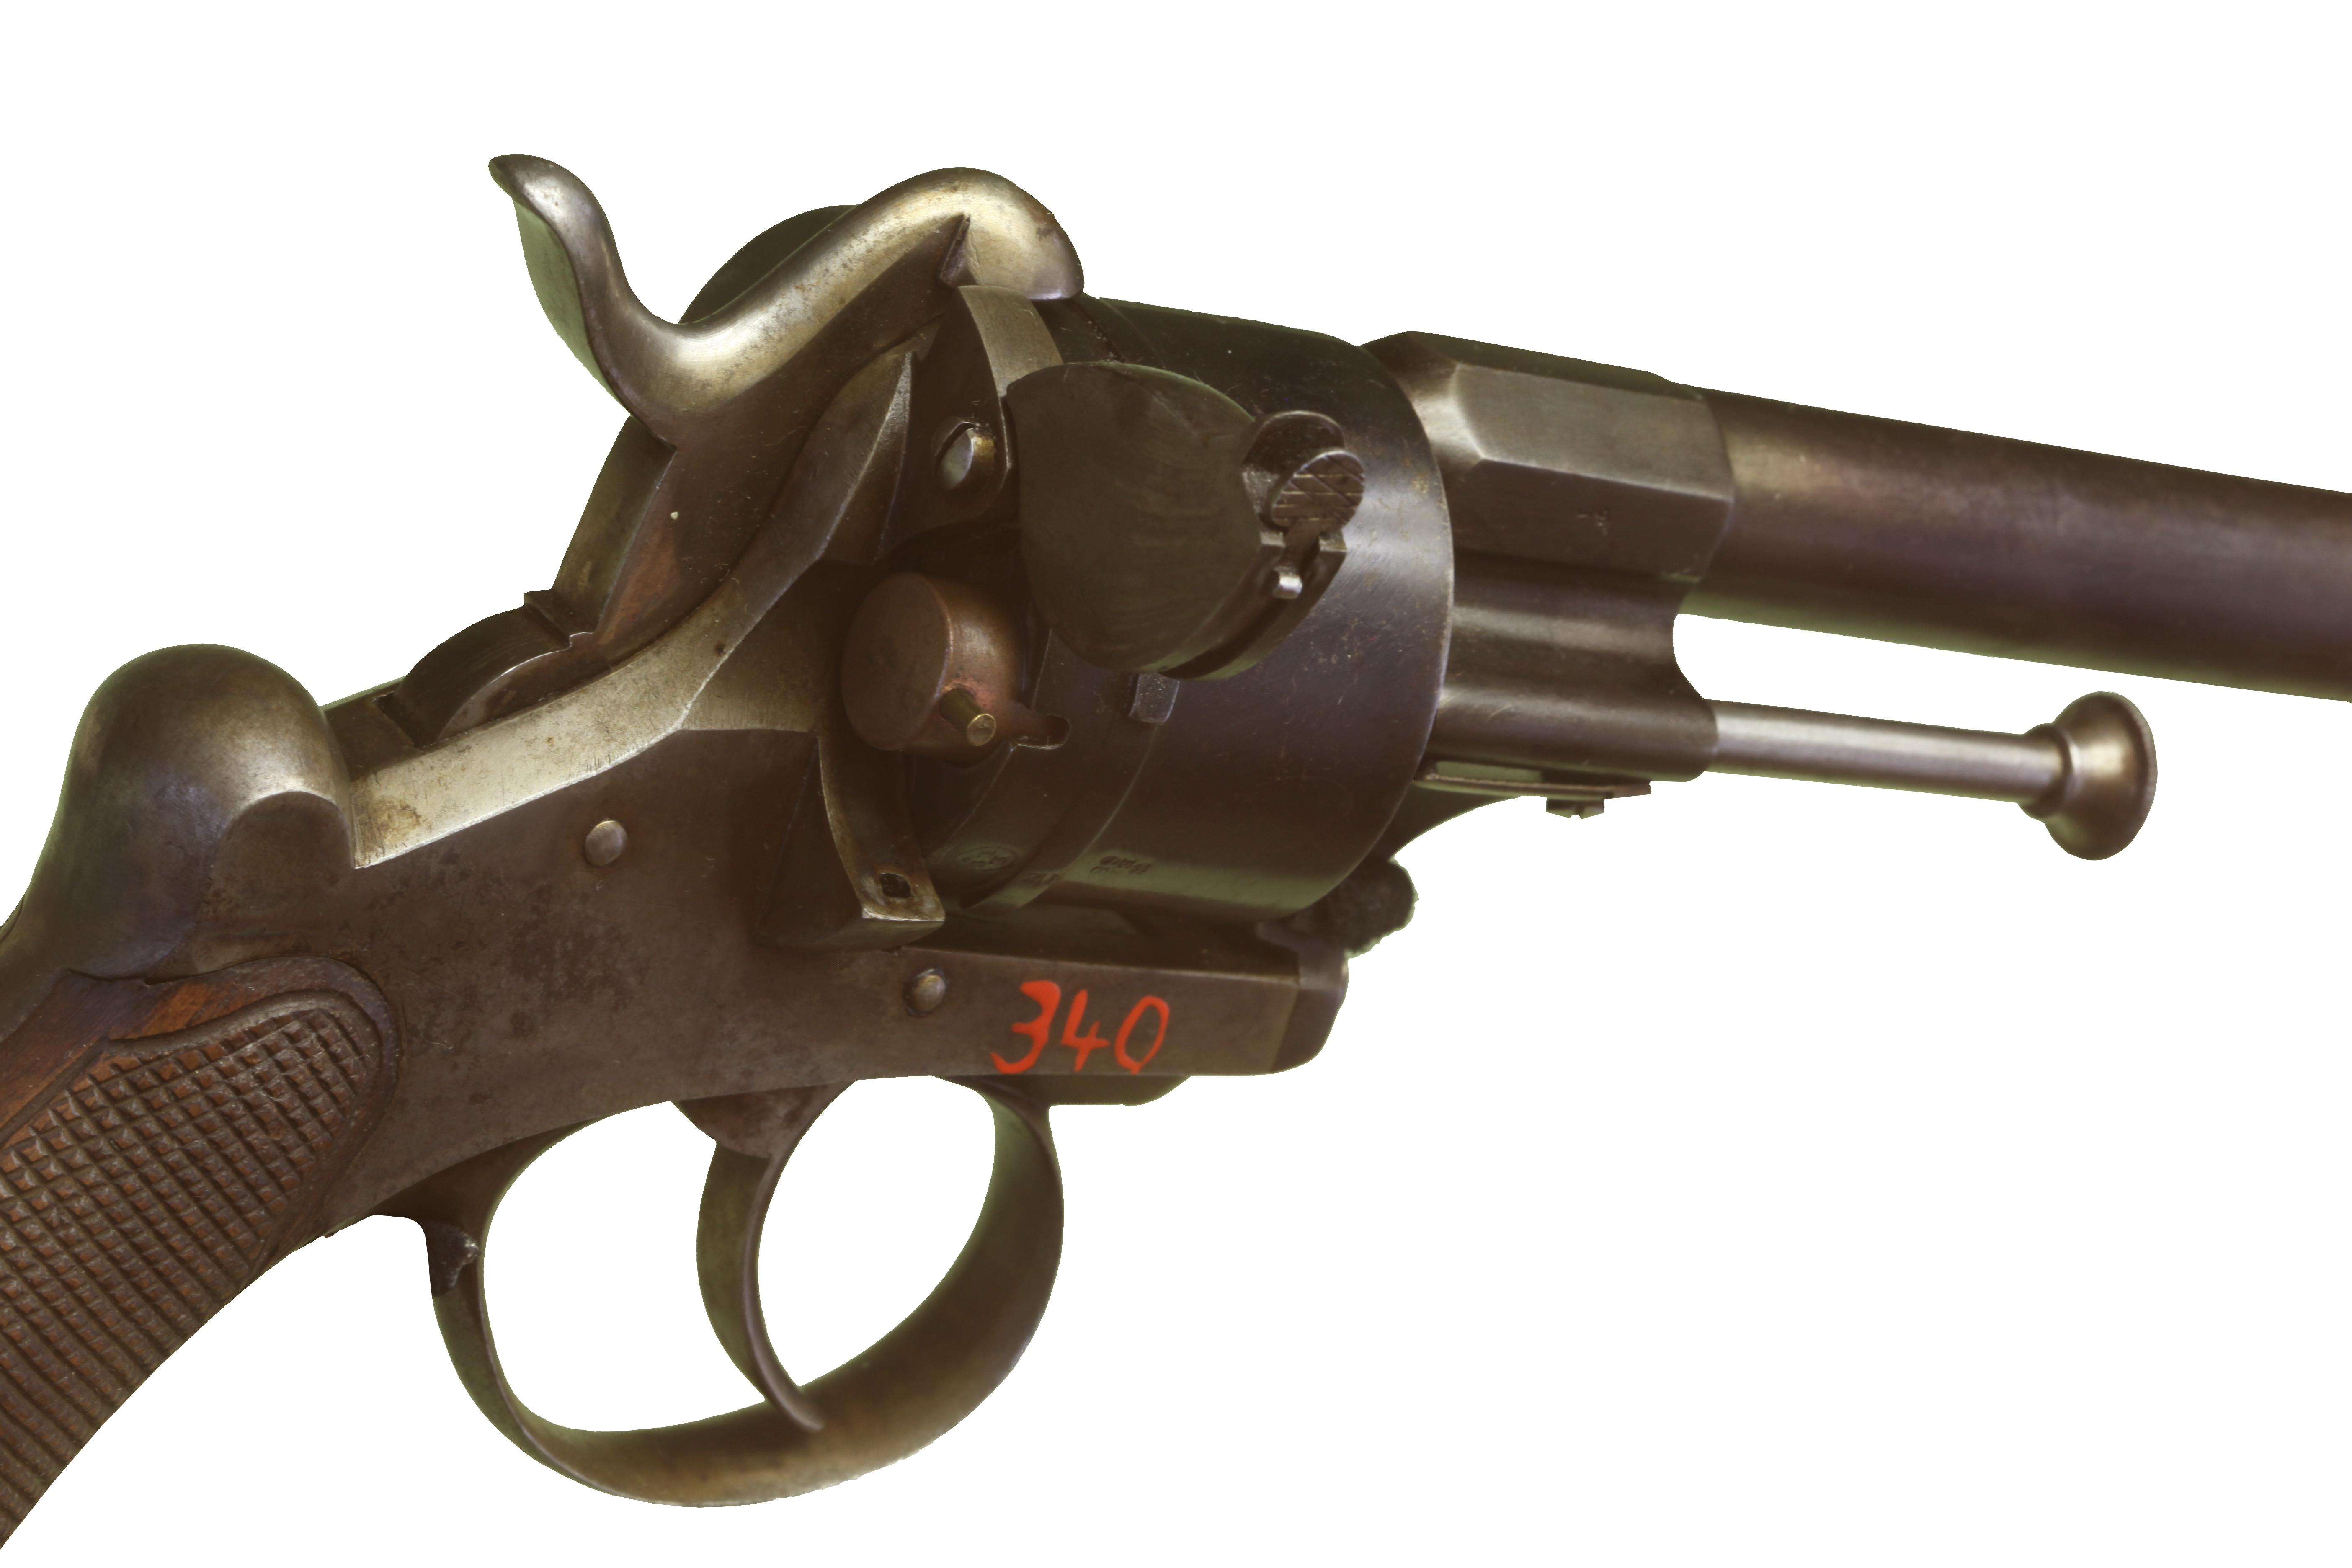 Images of Lefaucheux Revolver | 5616x3744